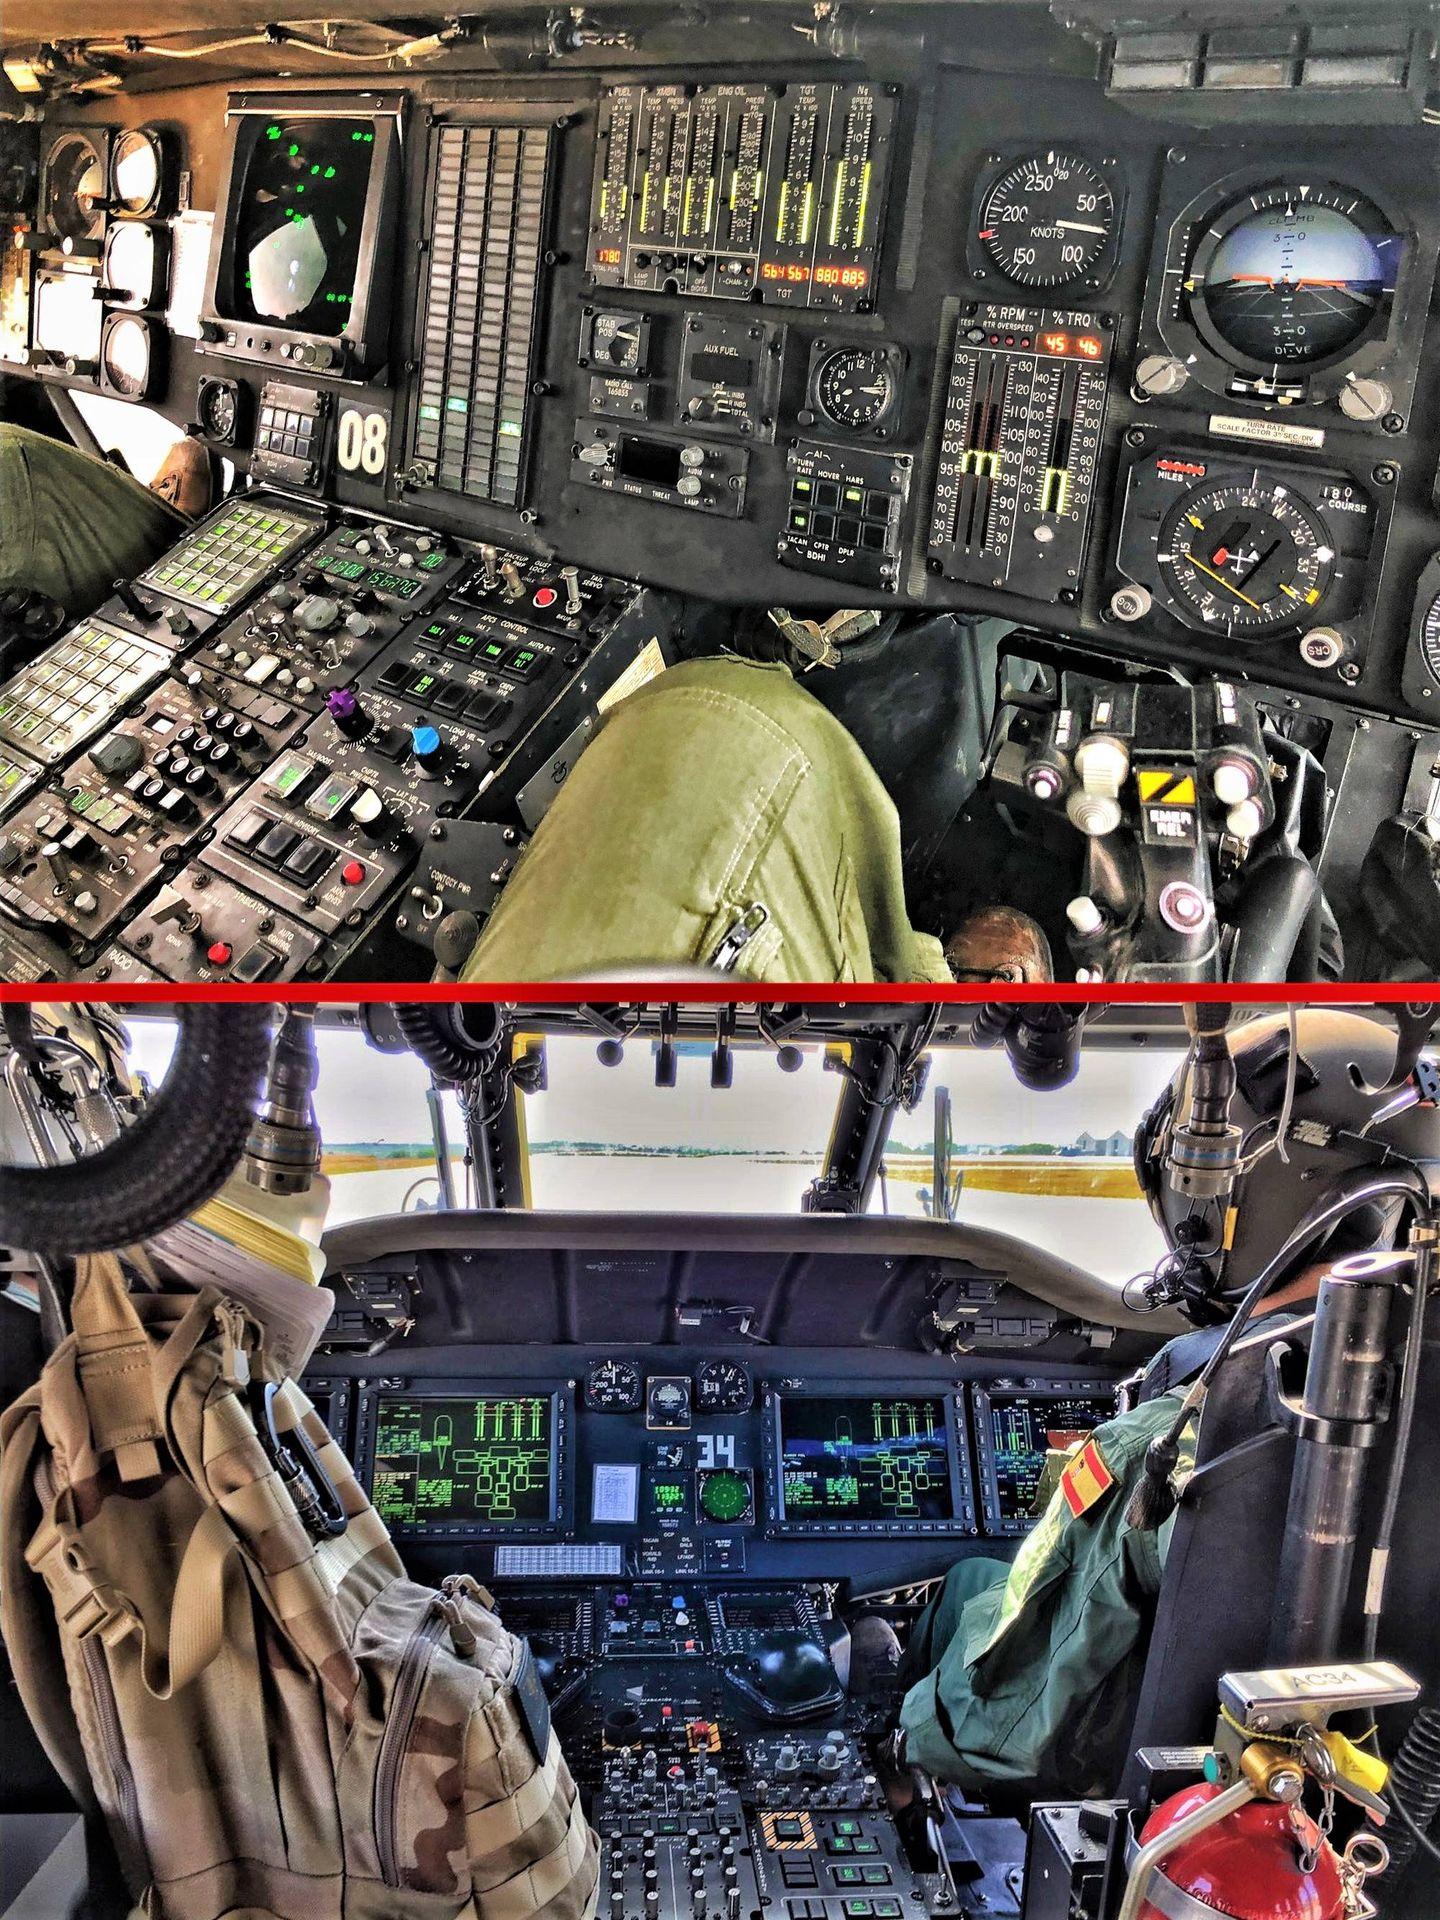 Diferencias notorias. Arriba cabina analógica de un SH-60B español. Abajo el glass cocpit de un MH-60R de la US Navy (Fotos Armada)